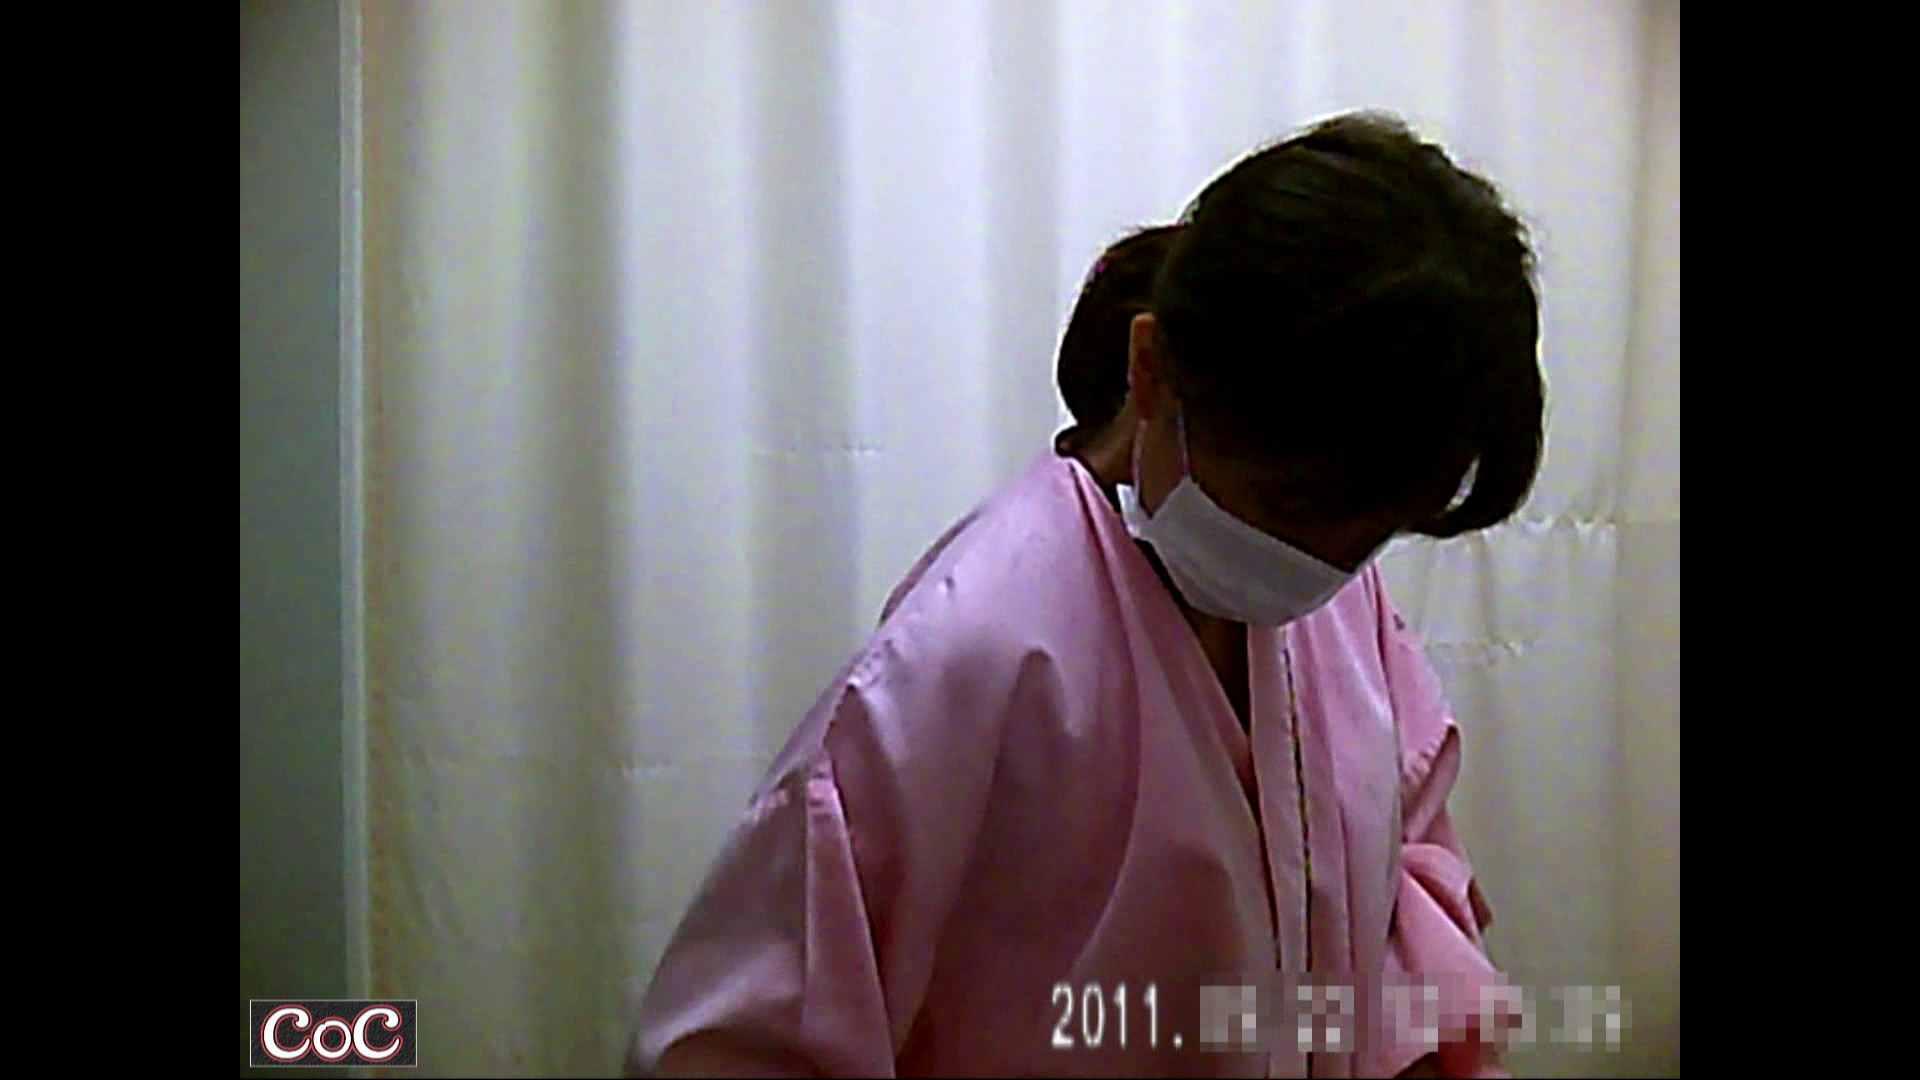 病院おもいっきり着替え! vol.33 乳首 すけべAV動画紹介 85pic 4